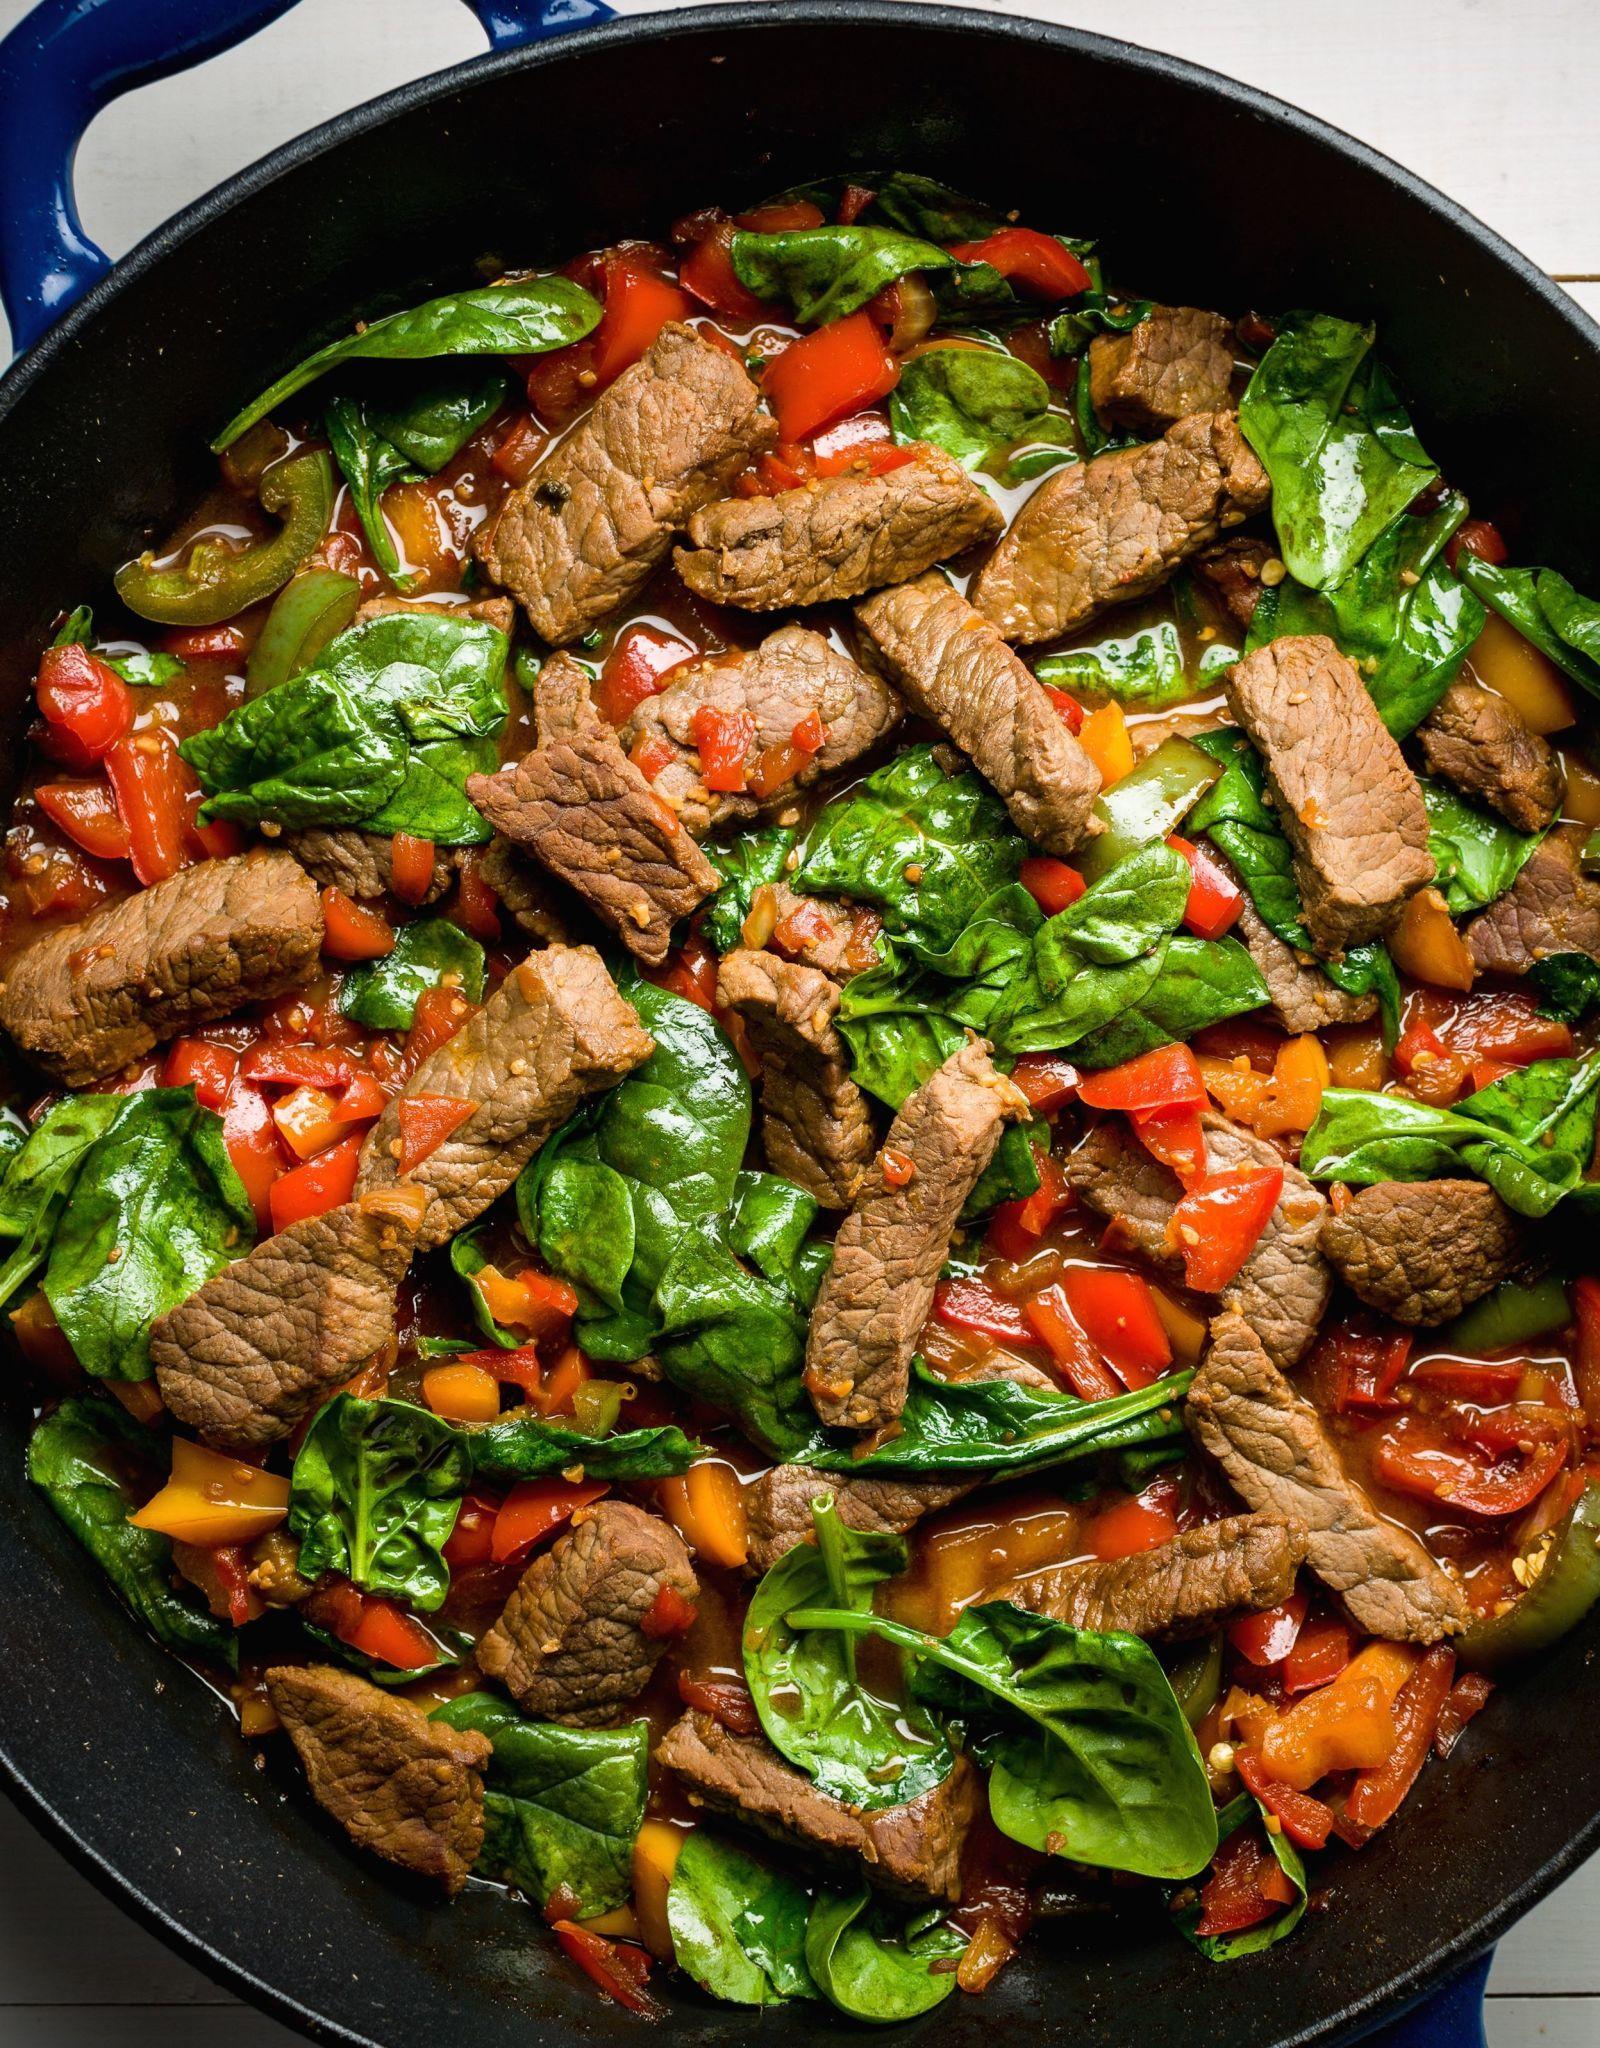 Teriyaki Steak Stir Fry With Peppers Recipe Round Steak Recipes Top Round Steak Recipes Teriyaki Steak